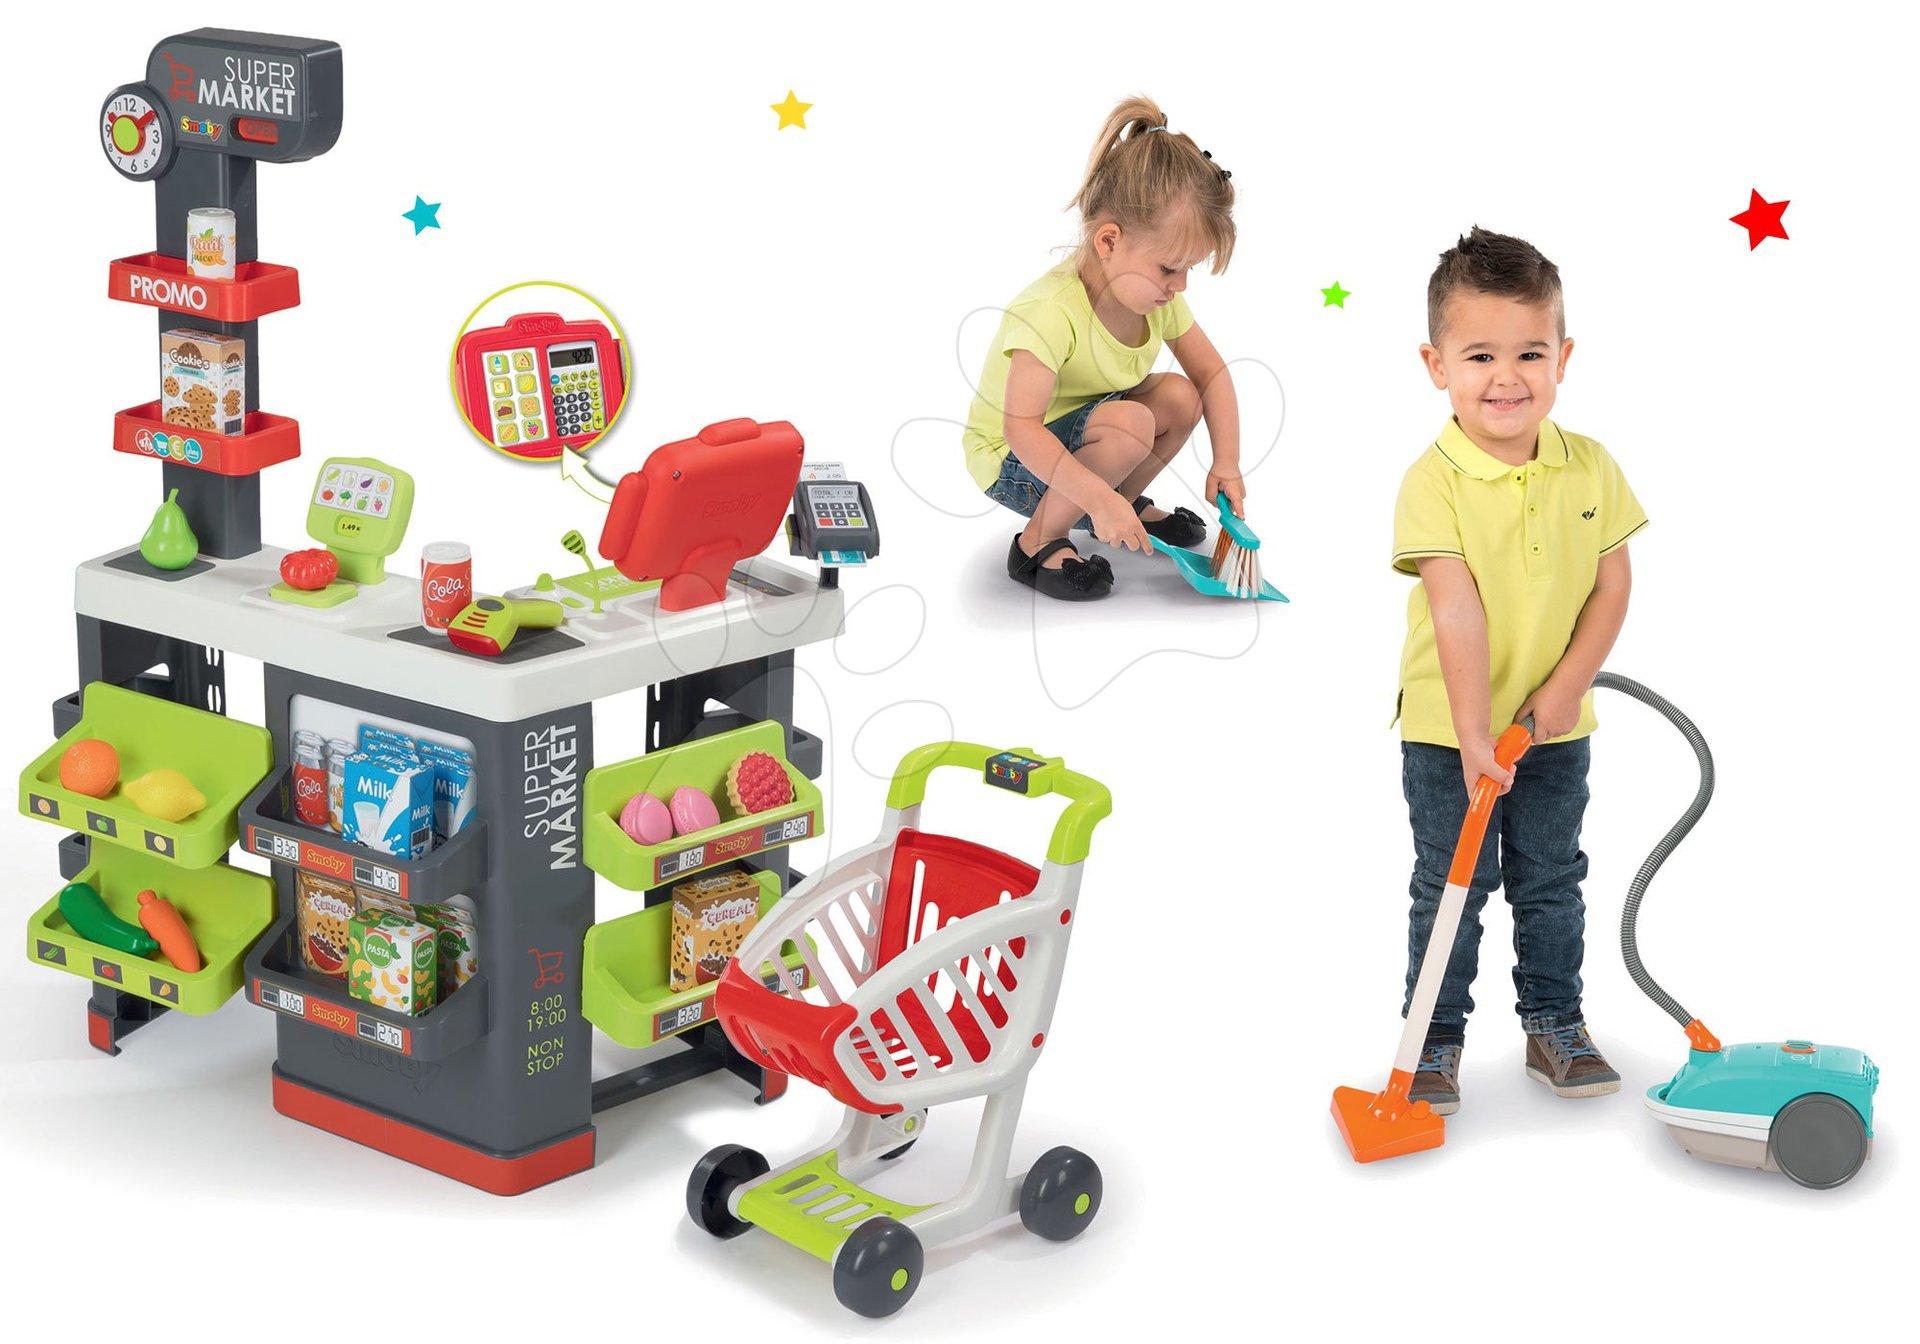 Smoby set obchod s vozíkom Supermarket a vysávač Rowenta Artec 2 so zvukom a metla s lopatkou 350213-10